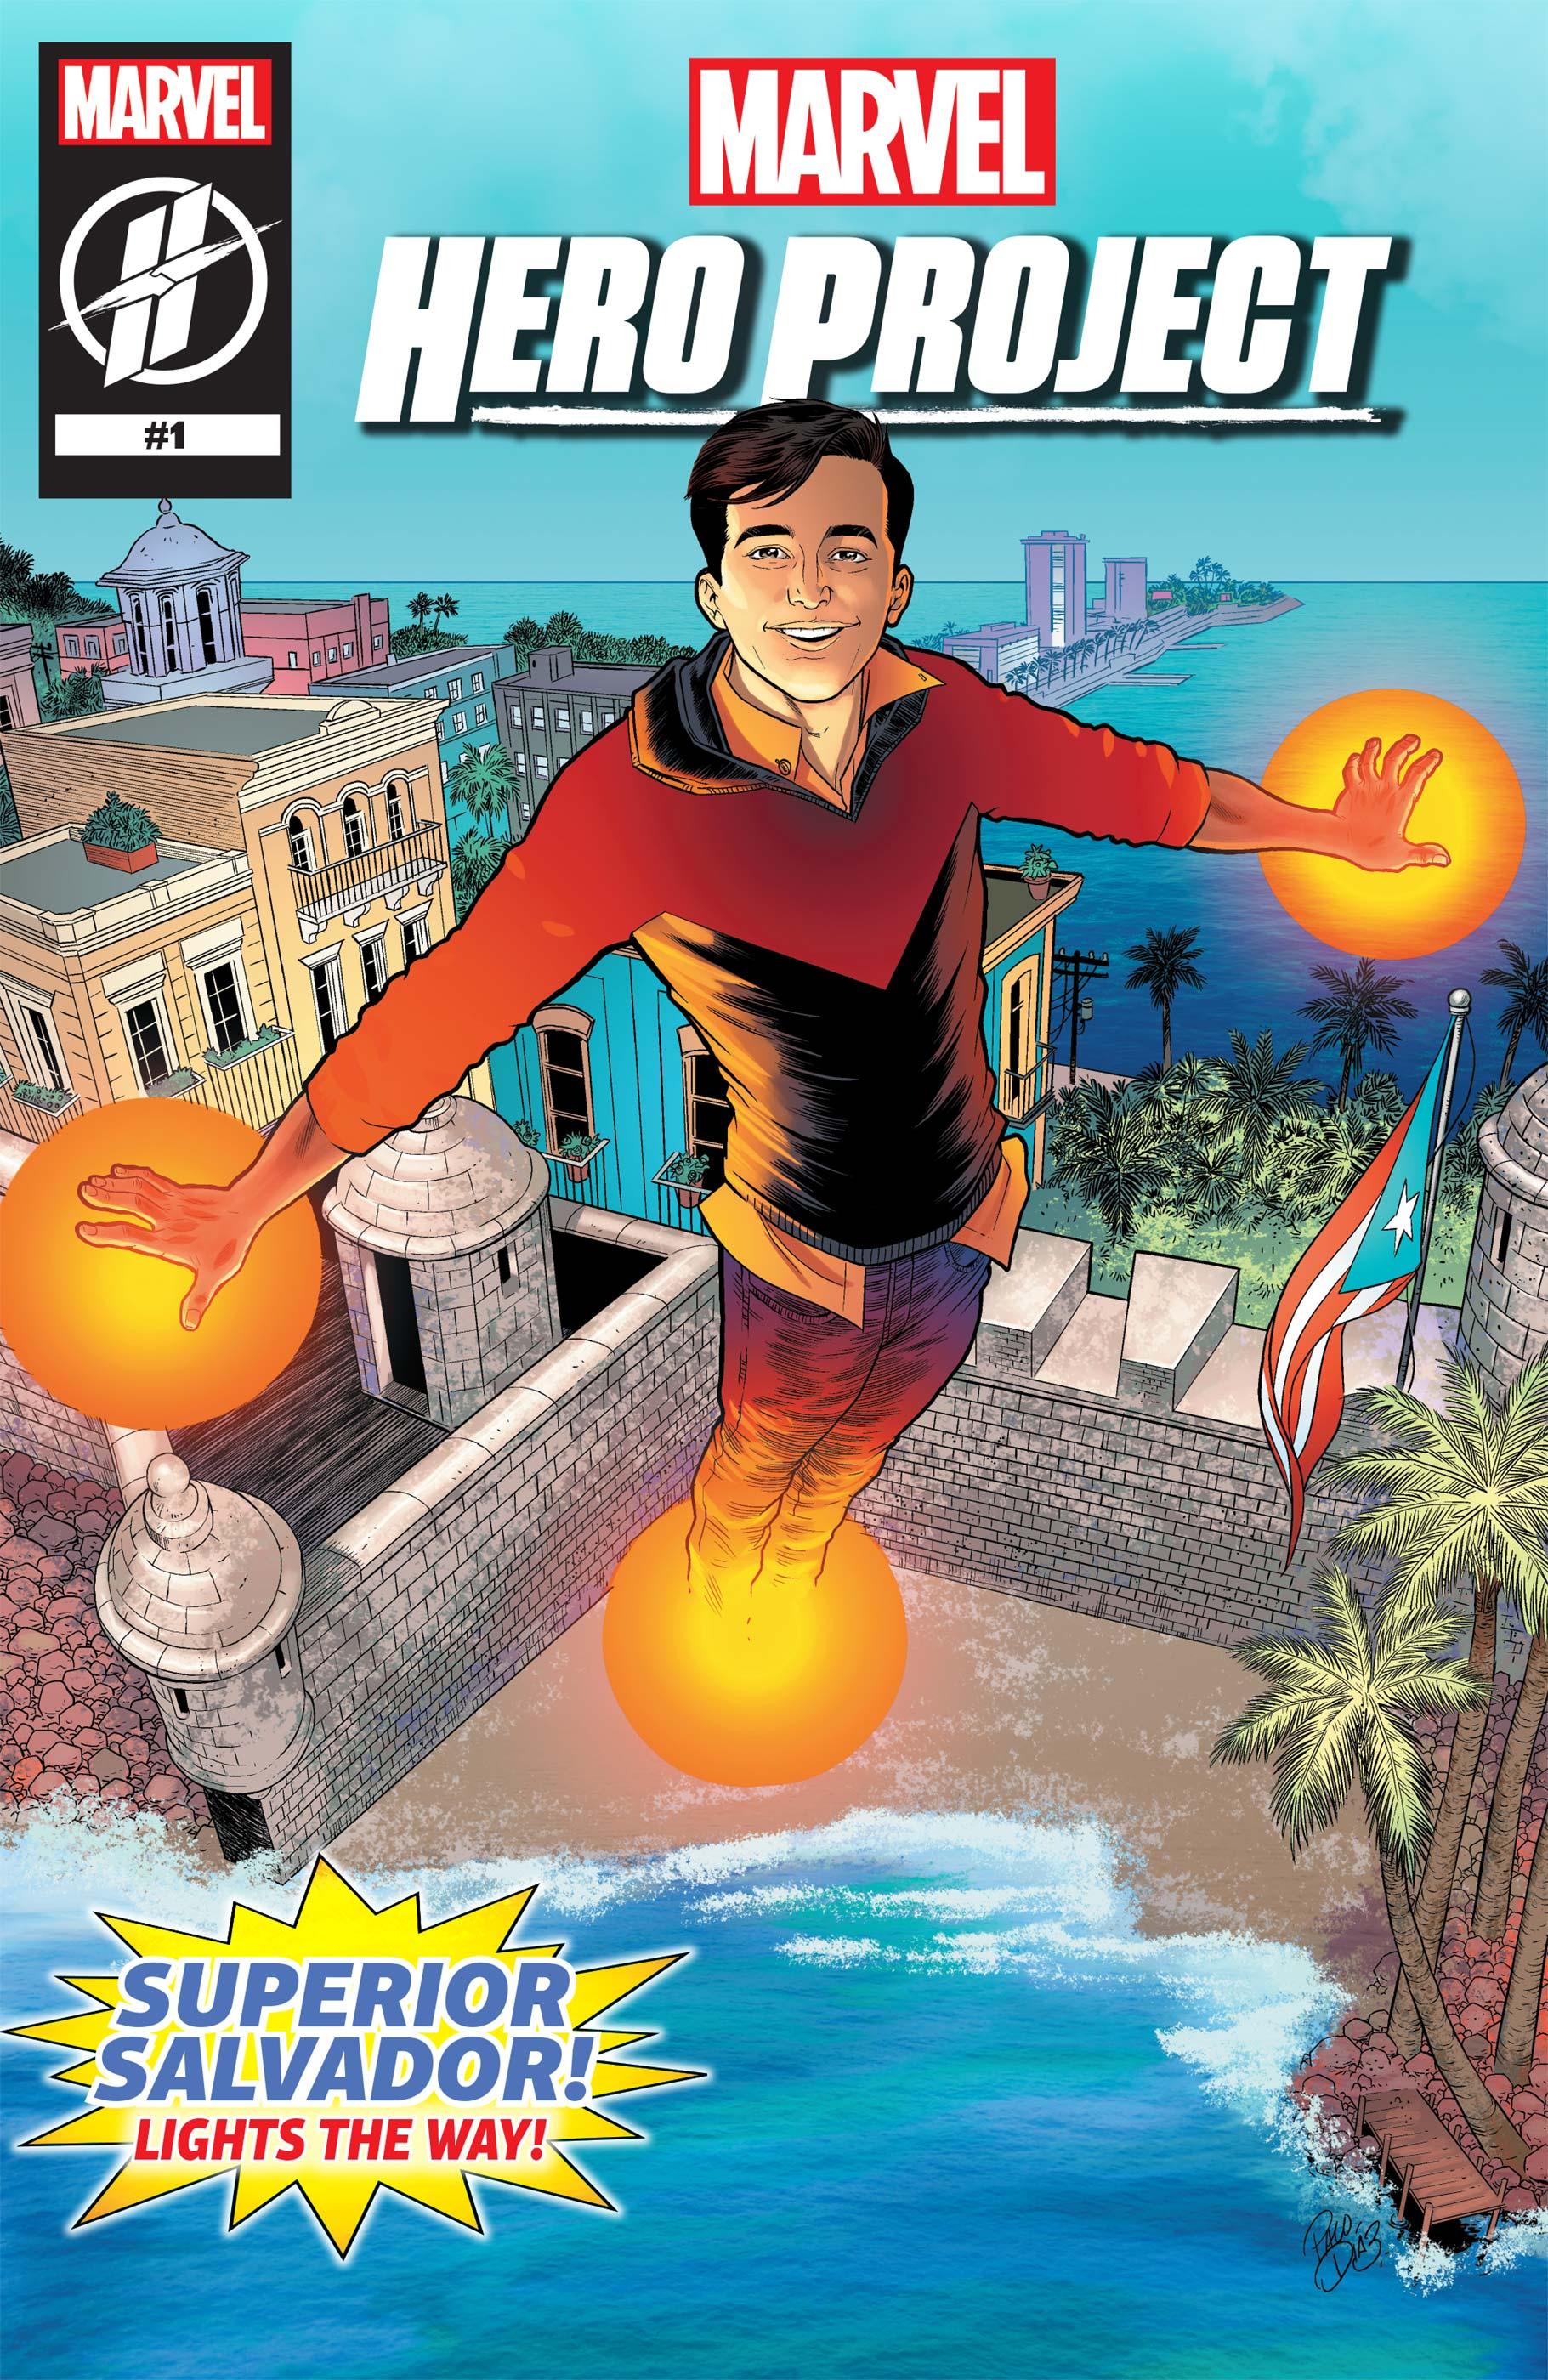 MARVEL'S HERO PROJECT SEASON 1: SUPERIOR SALVADOR (2019) #1